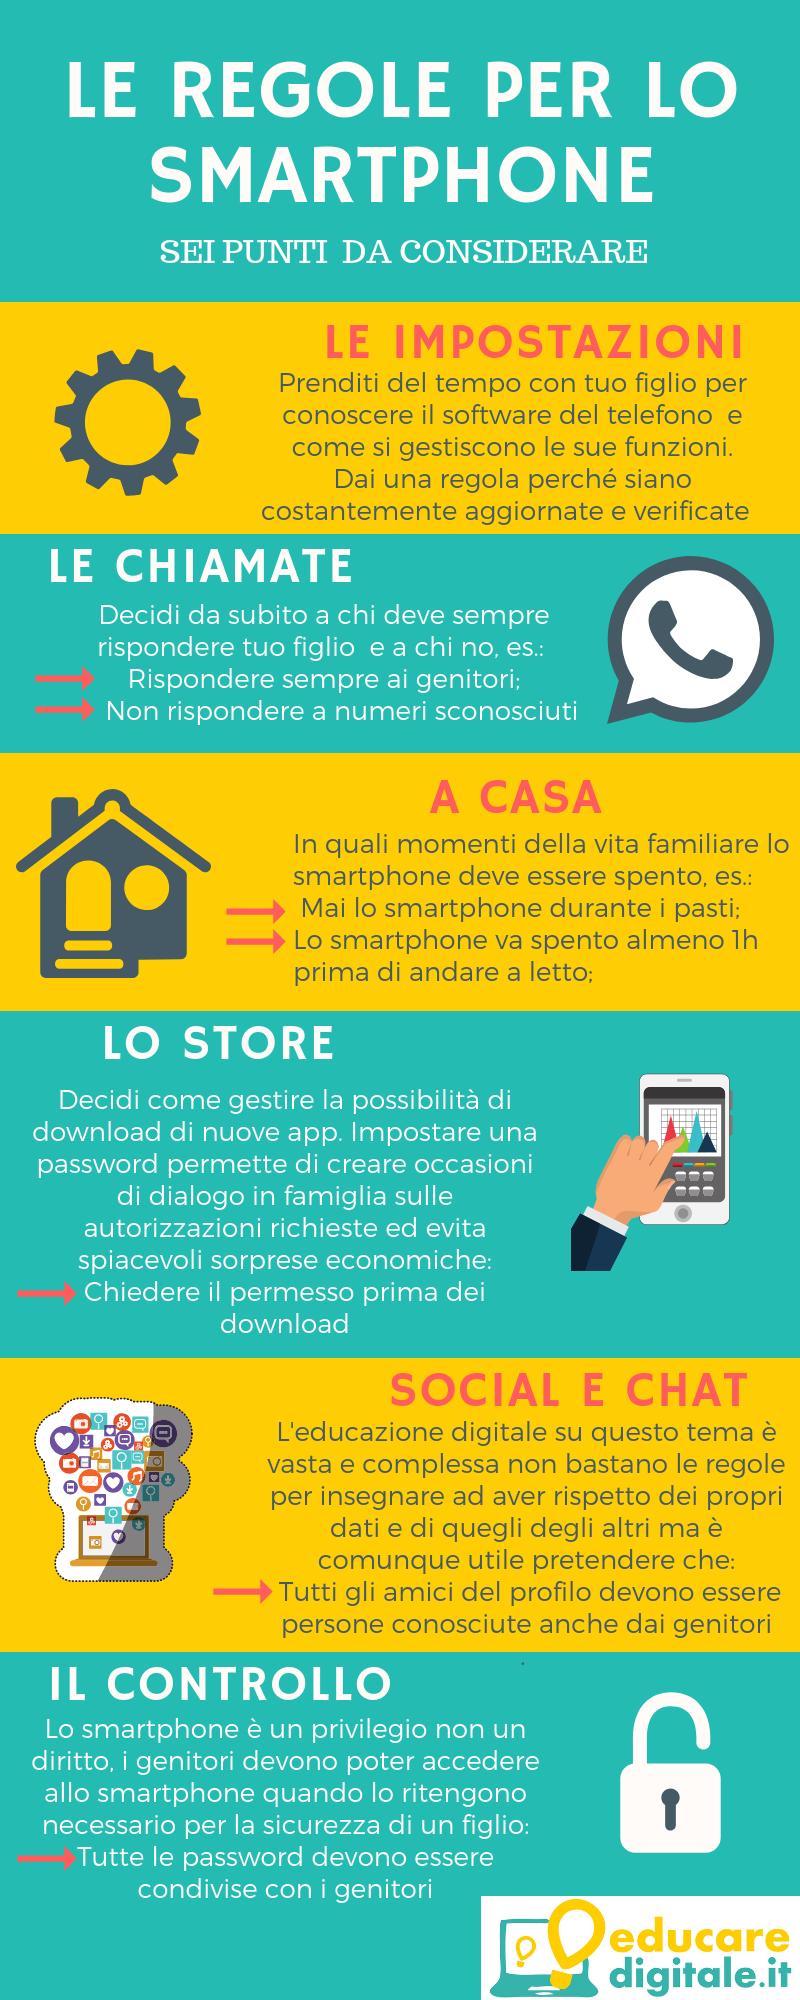 Infografiche: Come decidere le regole per lo smartphone